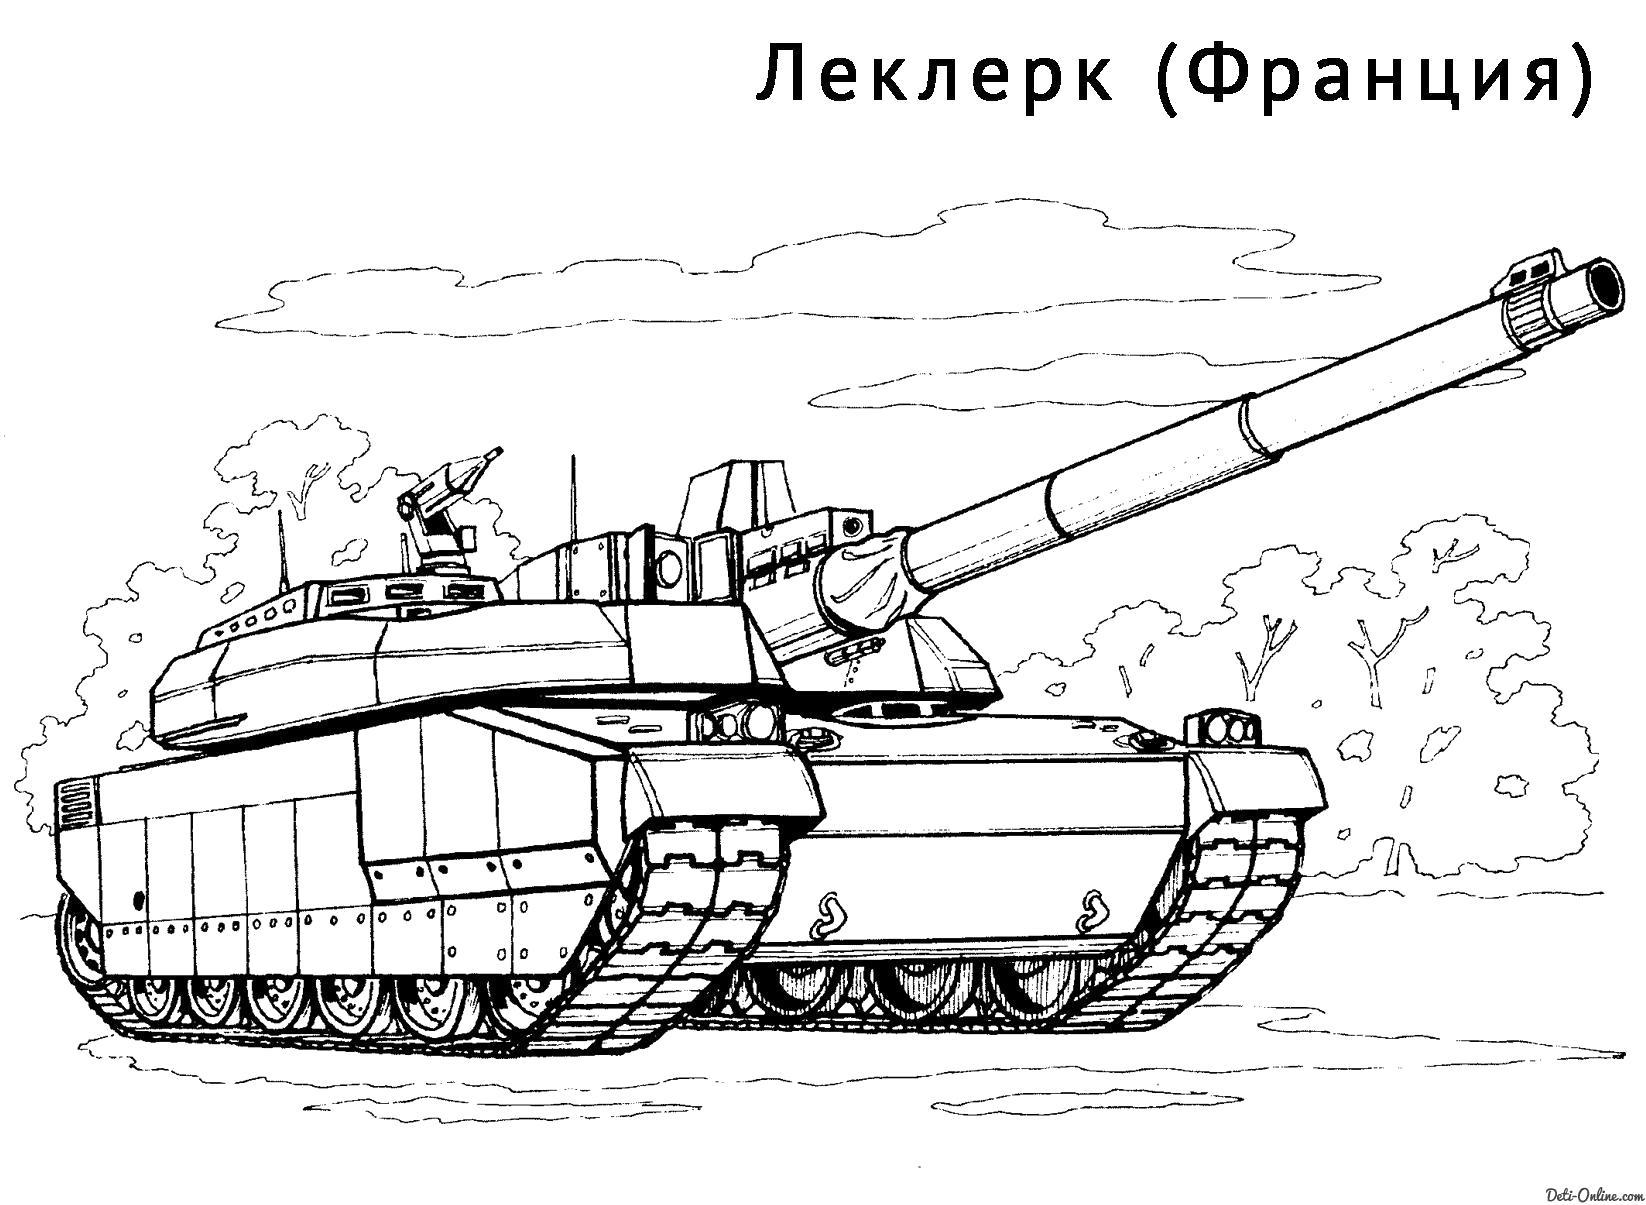 Раскраска  Танк Леклерк. Скачать танк.  Распечатать танк